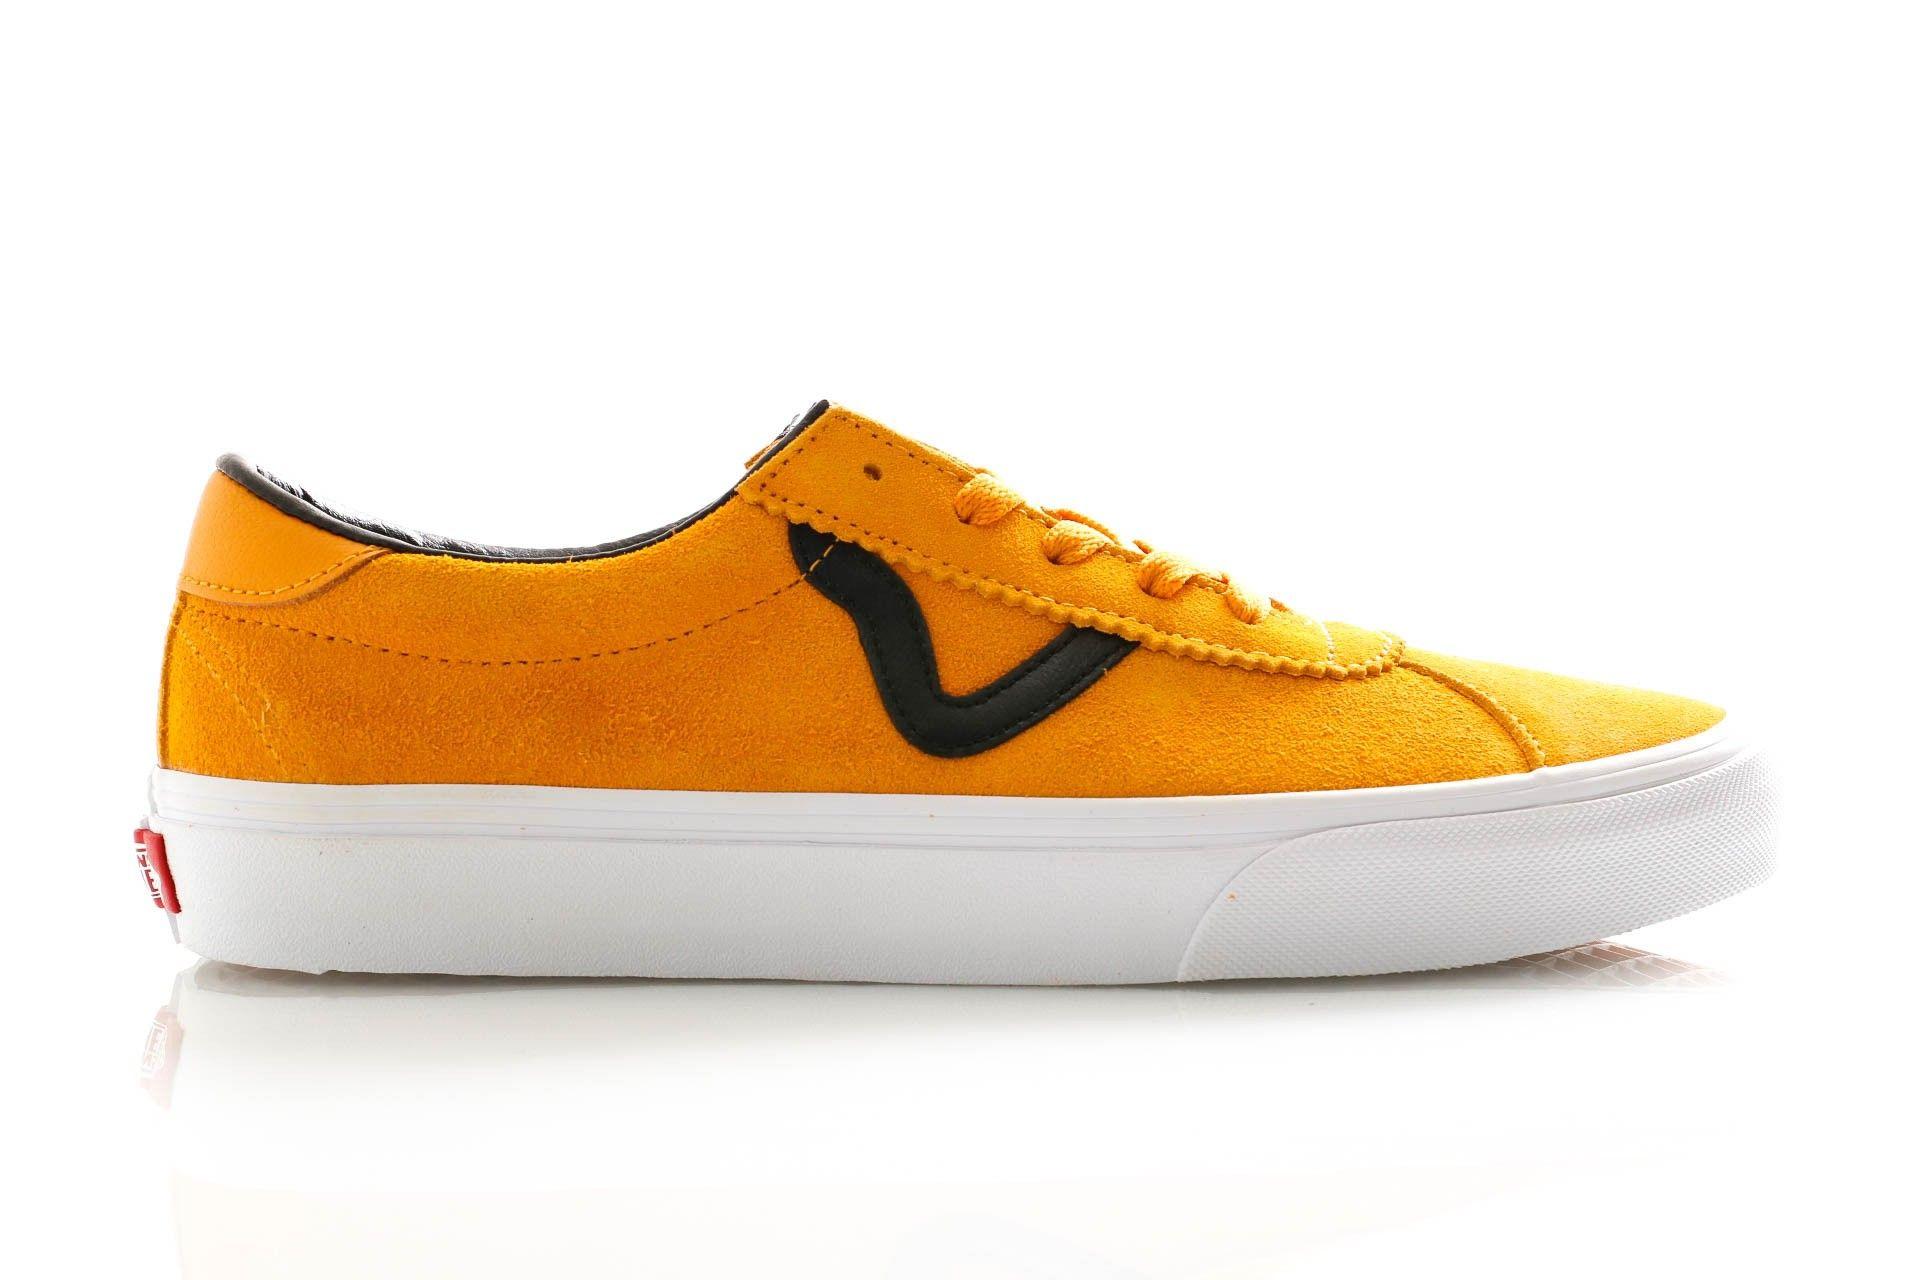 Afbeelding van Vans Sneakers Ua Vans Sport Cadmium Yellow/True White VN0A4BU6XW31